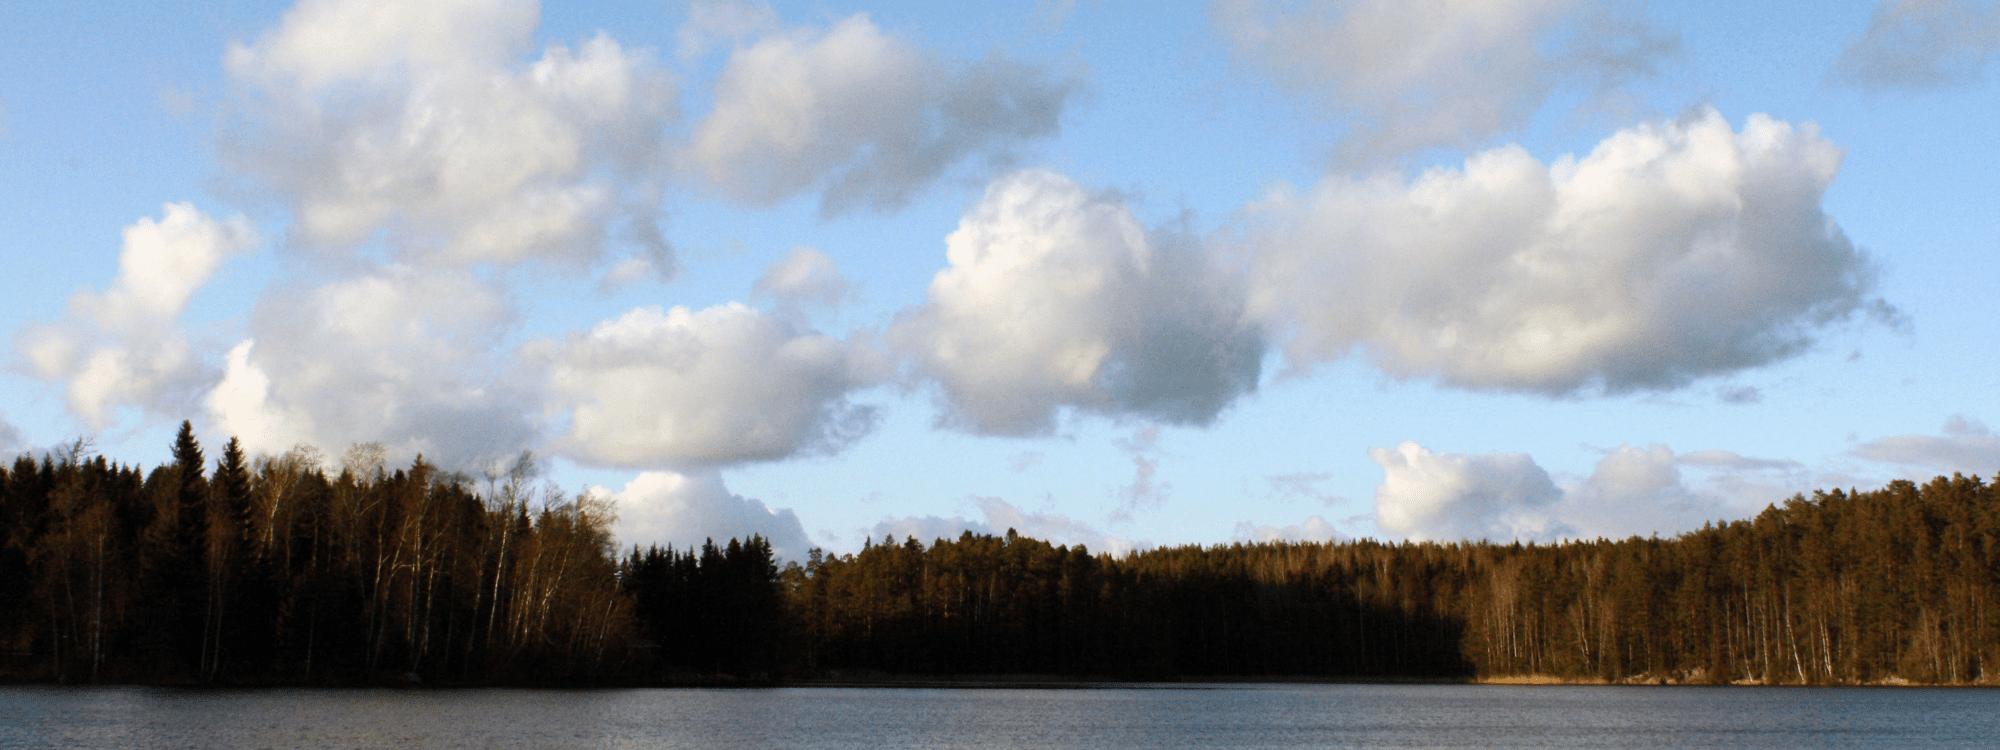 Järvimaisema ja pilviä taivaalla.